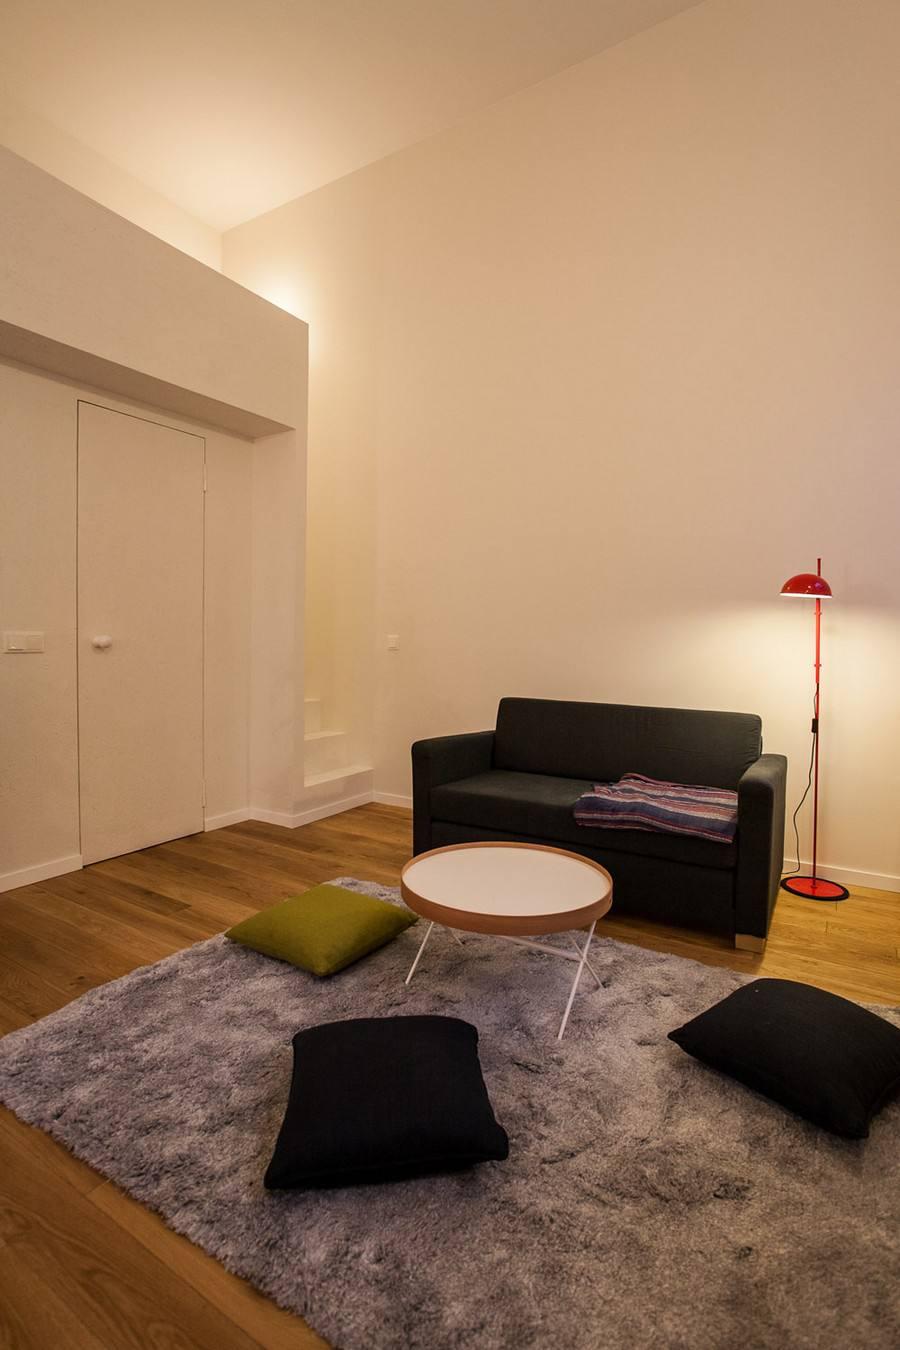 休闲简约现代客厅地毯效果图